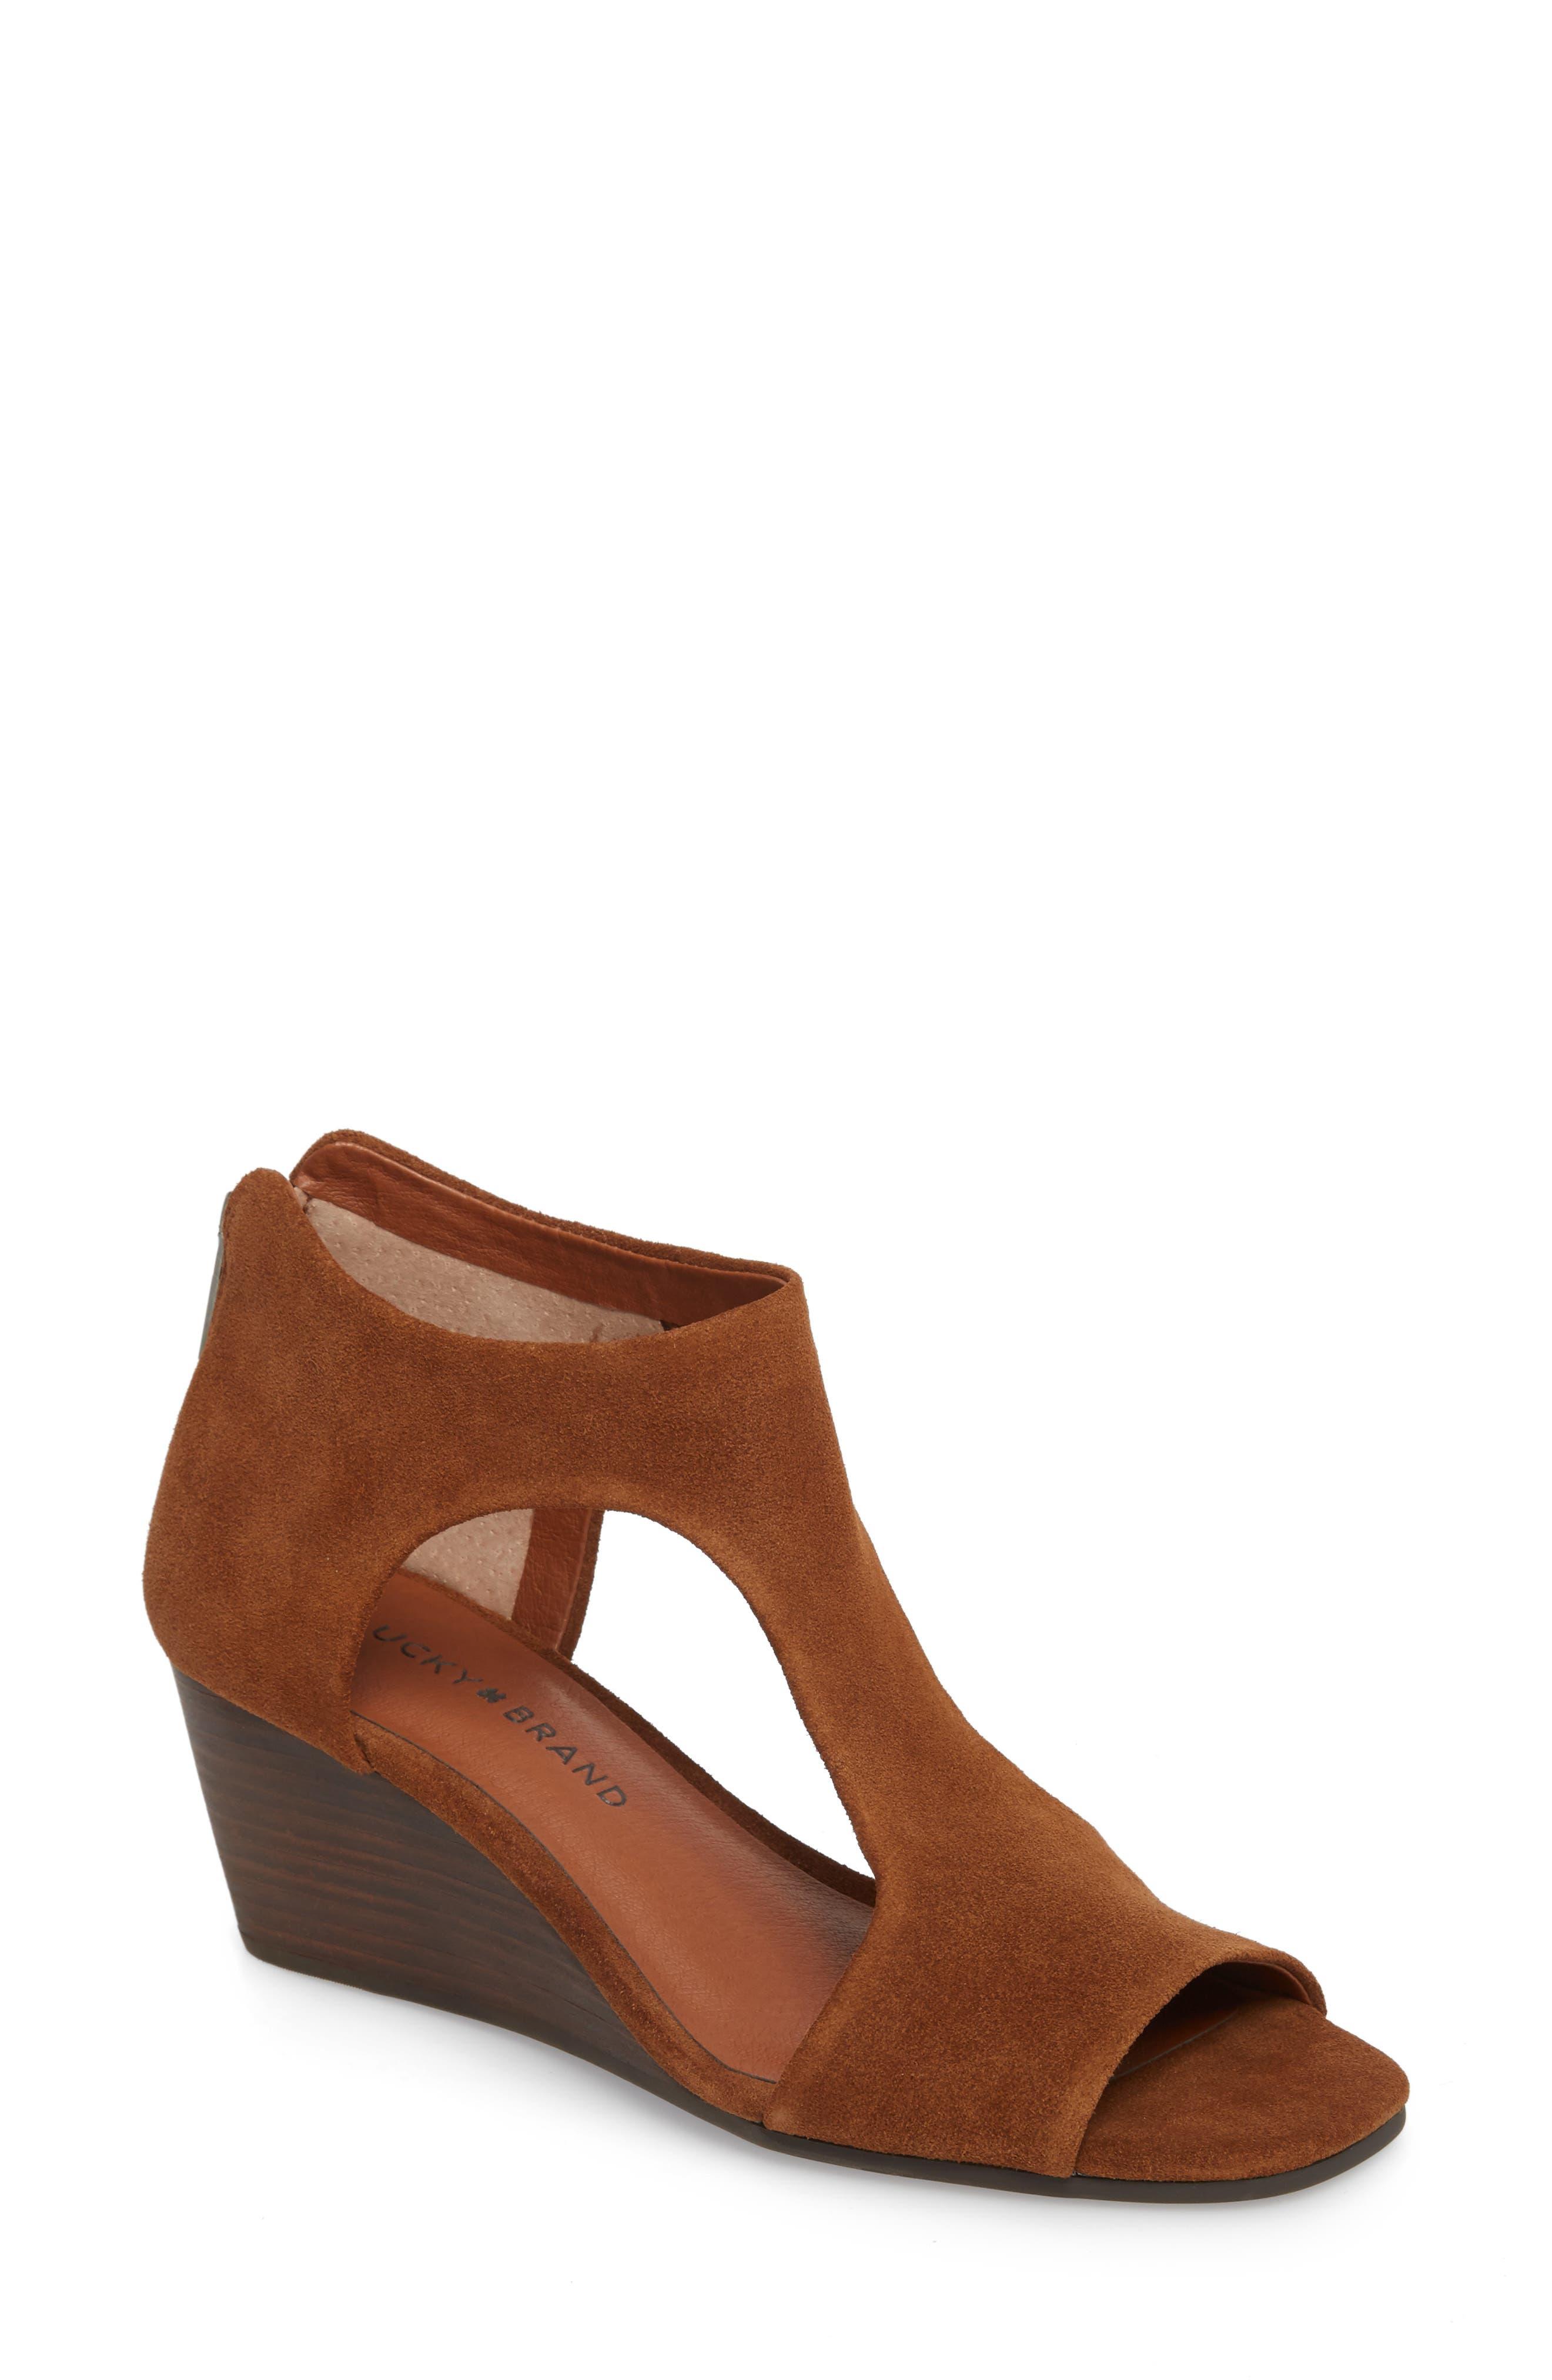 Tehirr Wedge Sandal,                         Main,                         color, Cedar Suede